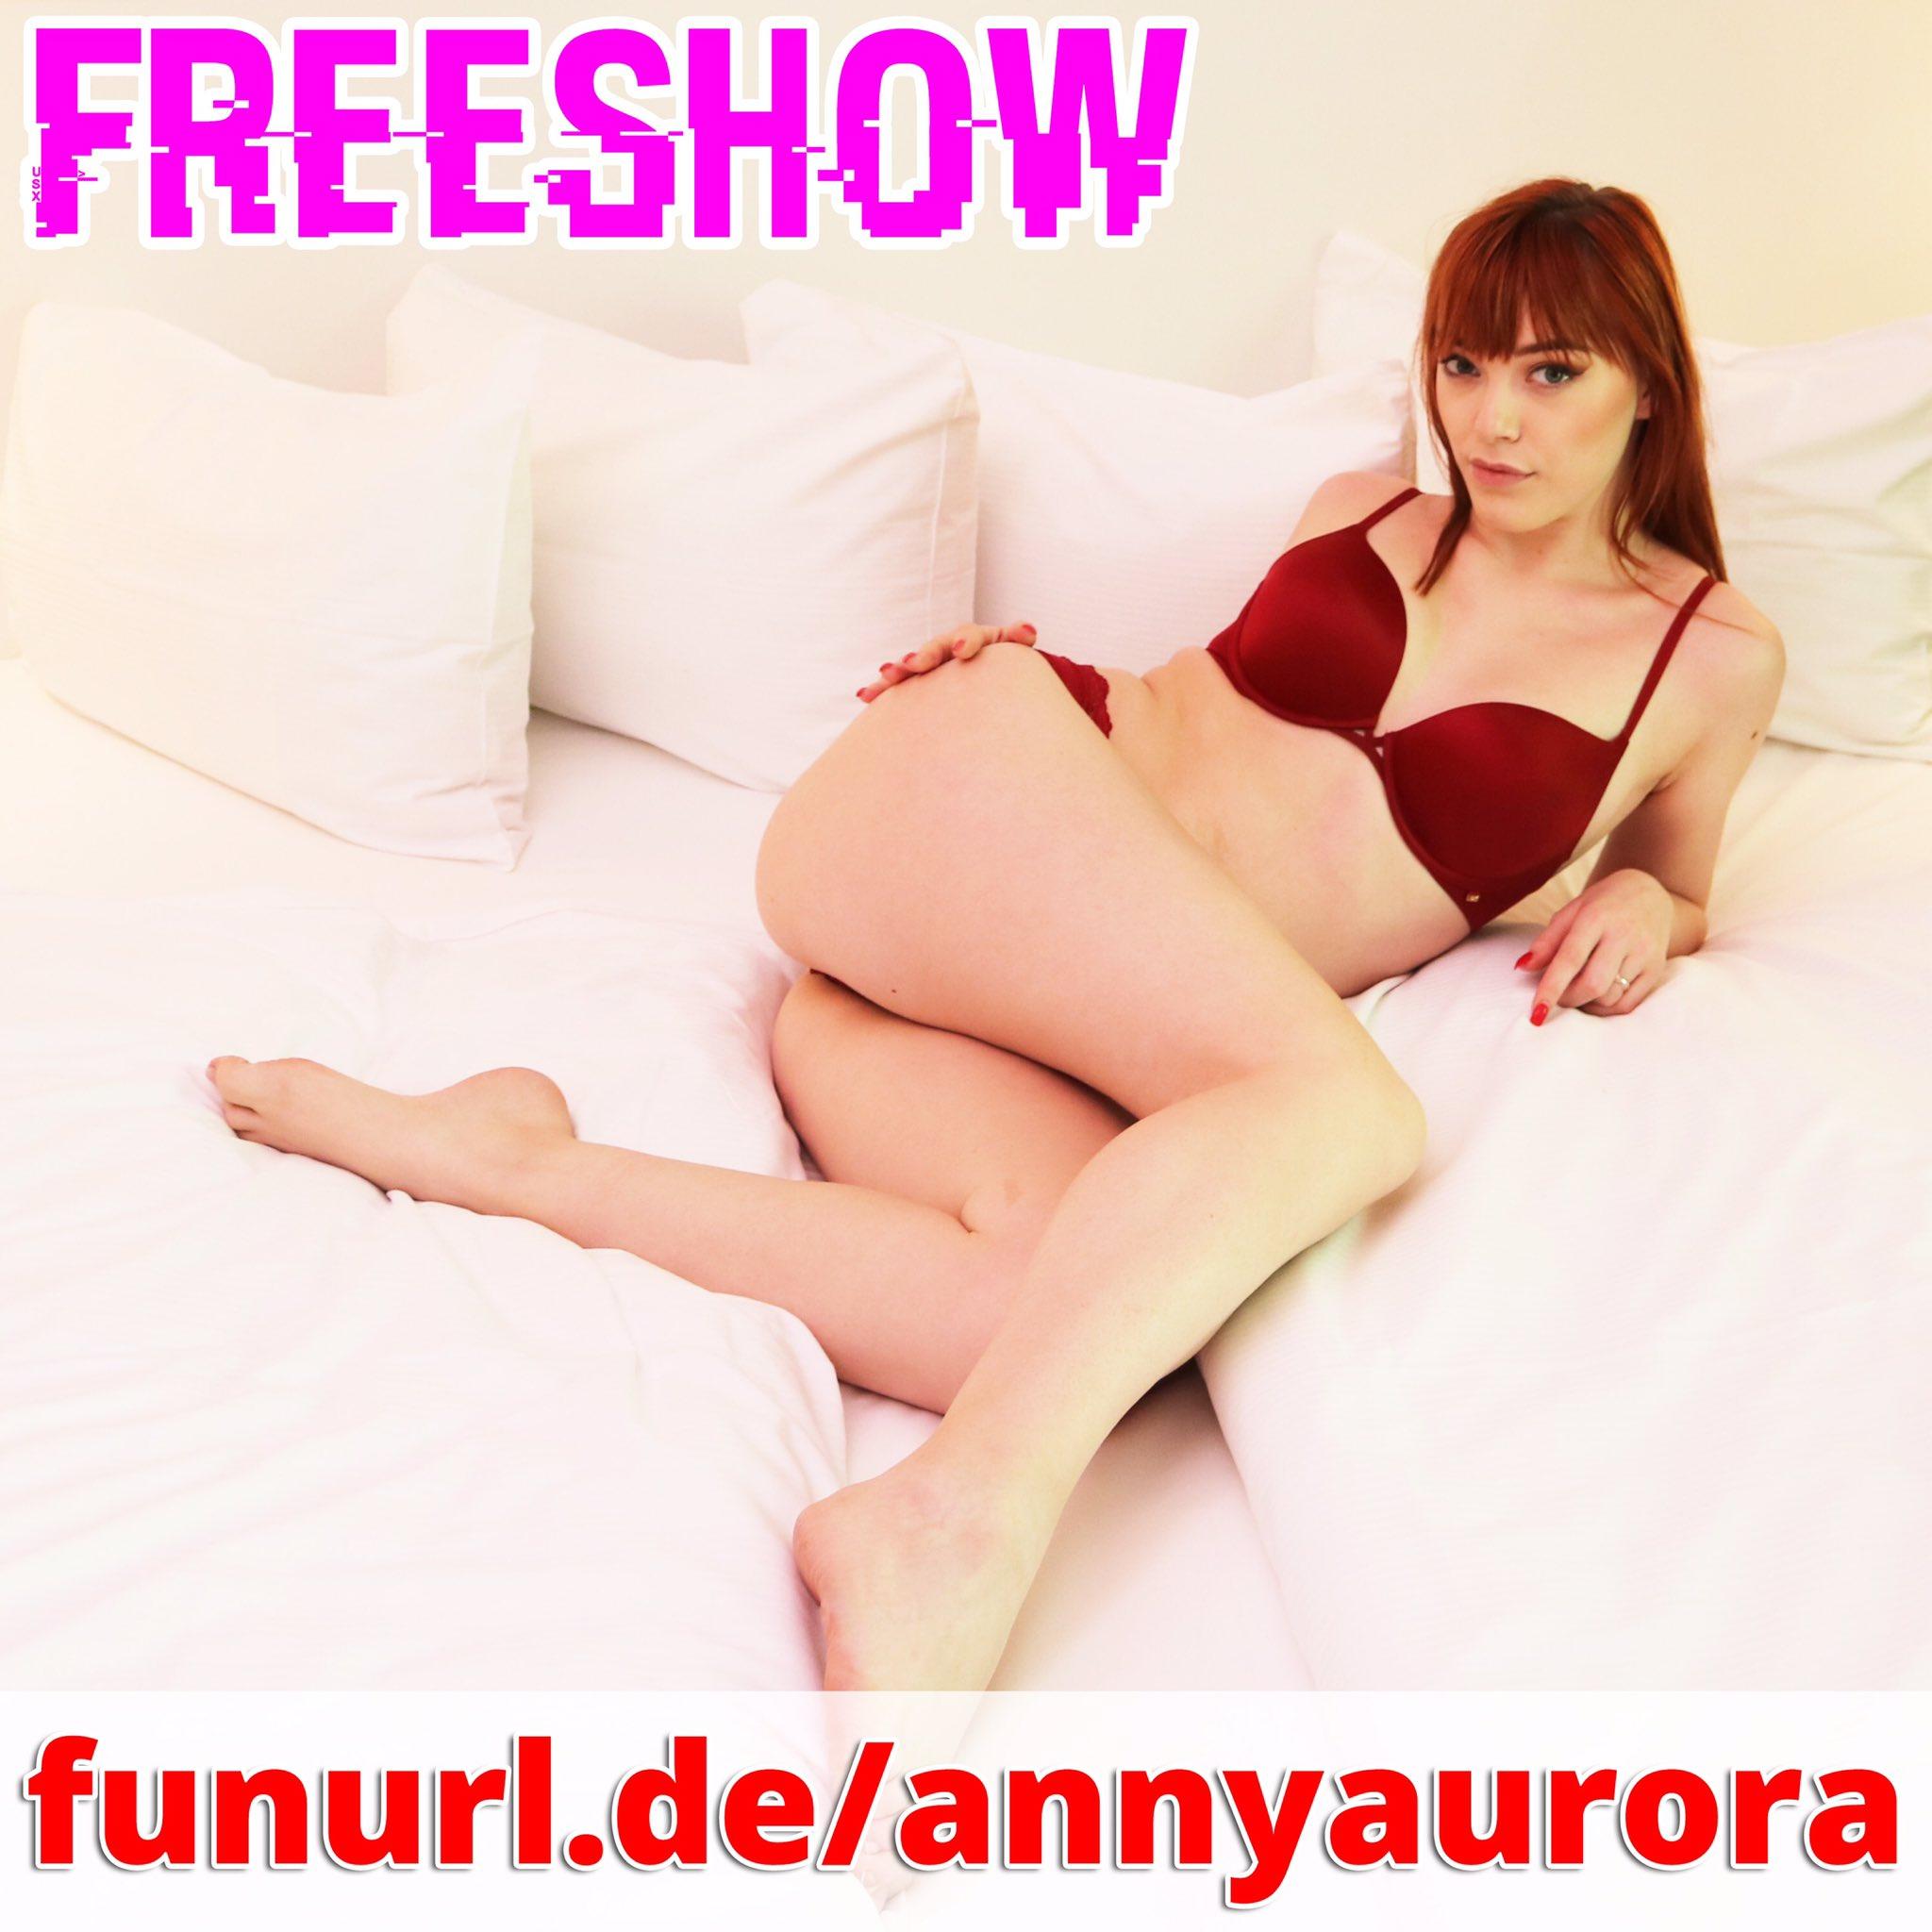 Anny Aurora Twitter